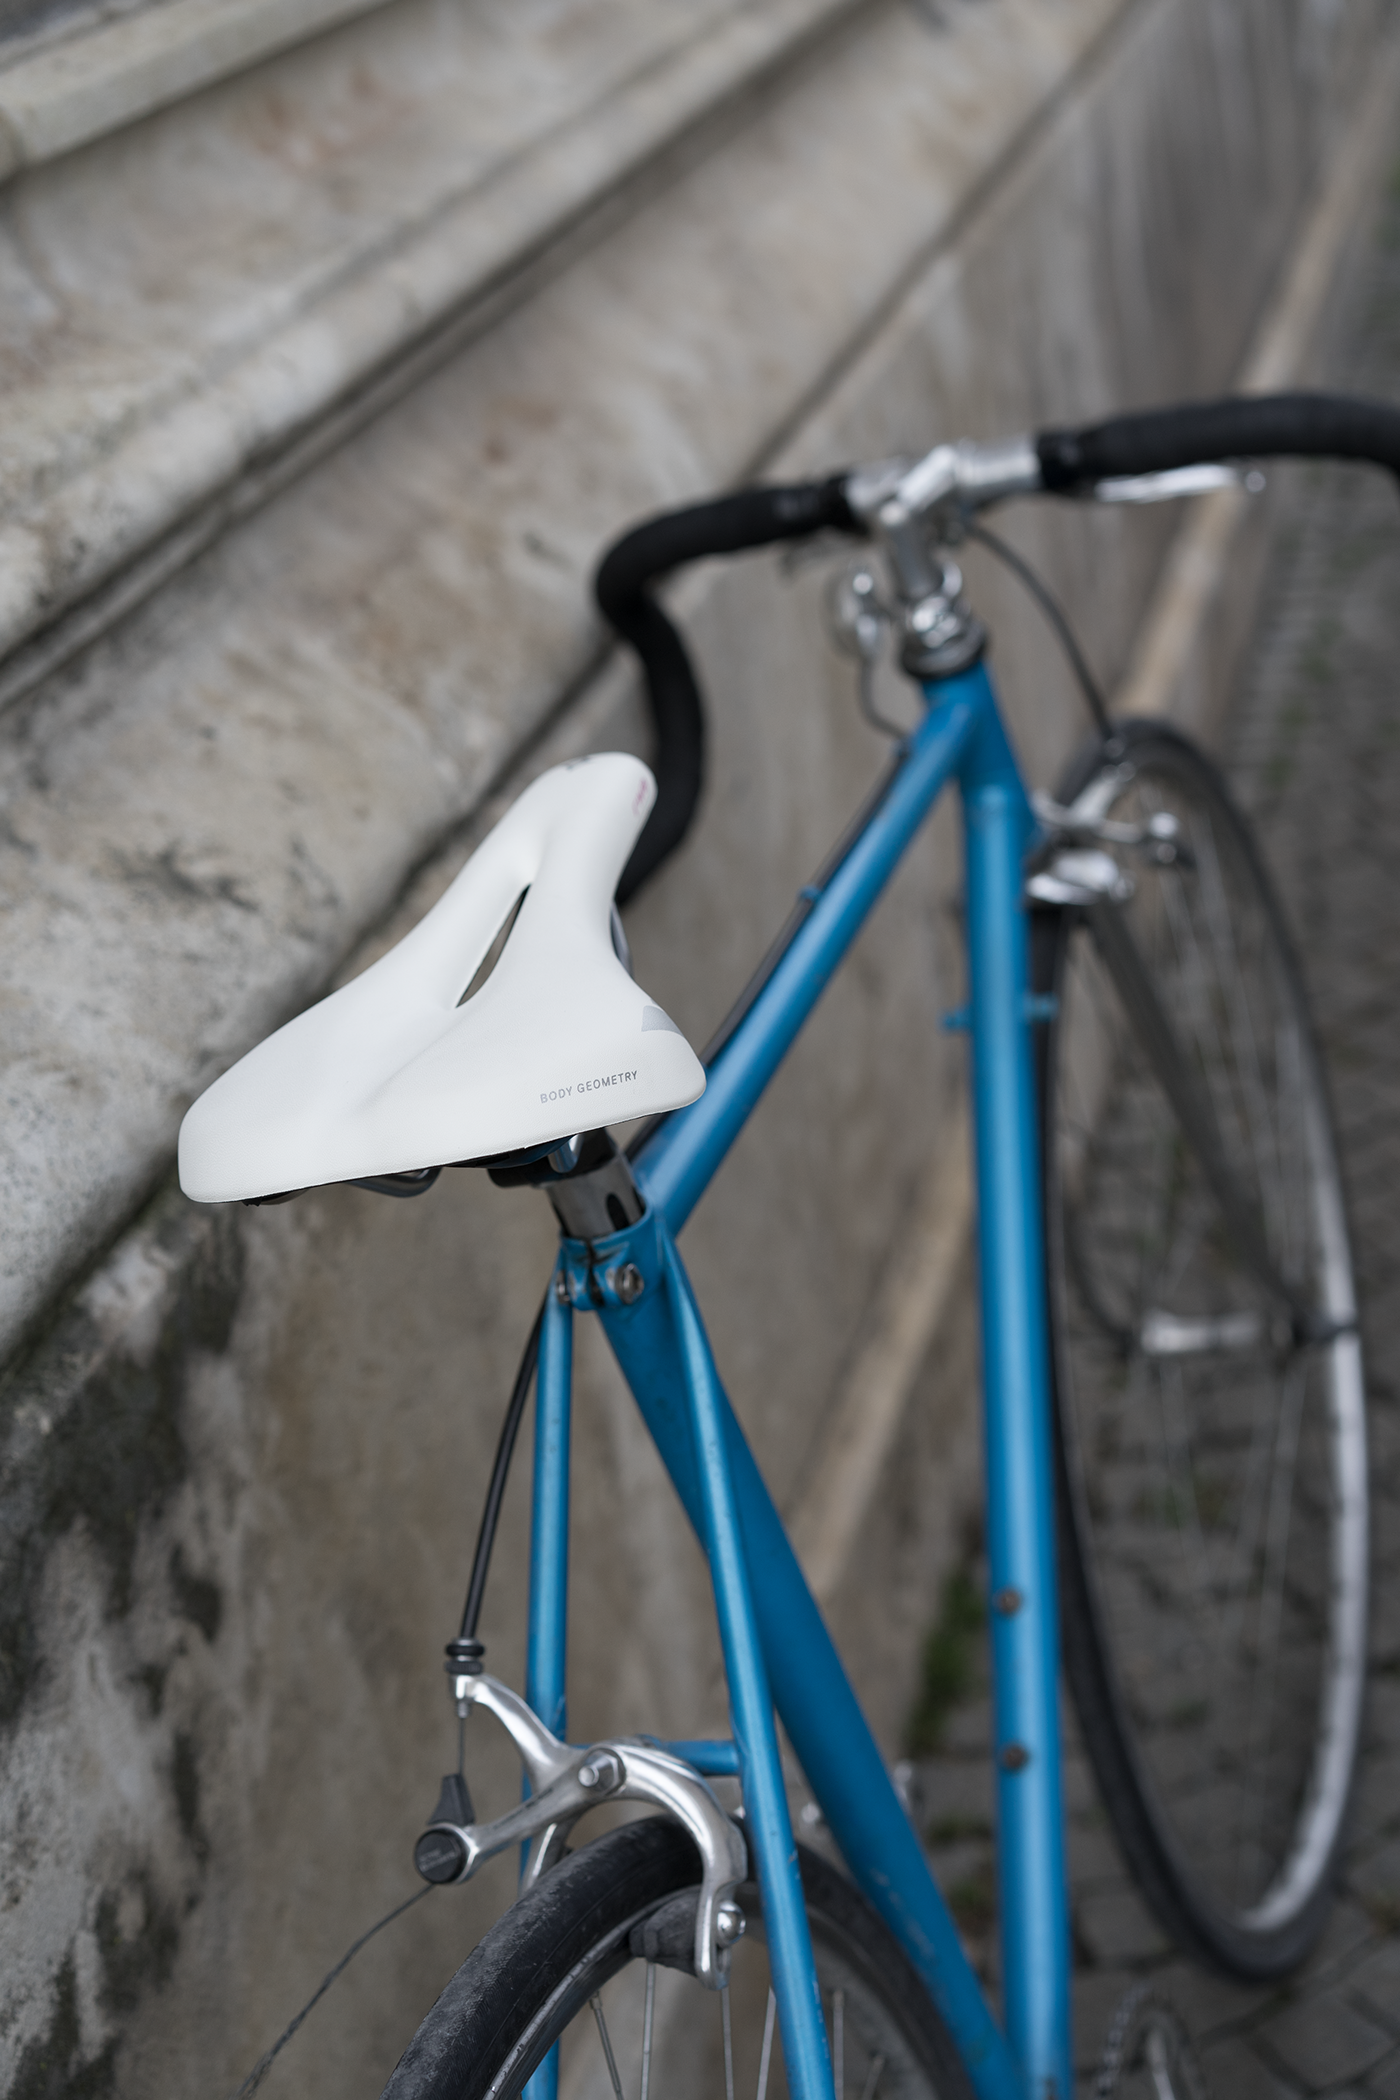 Bike saddle specialized product design